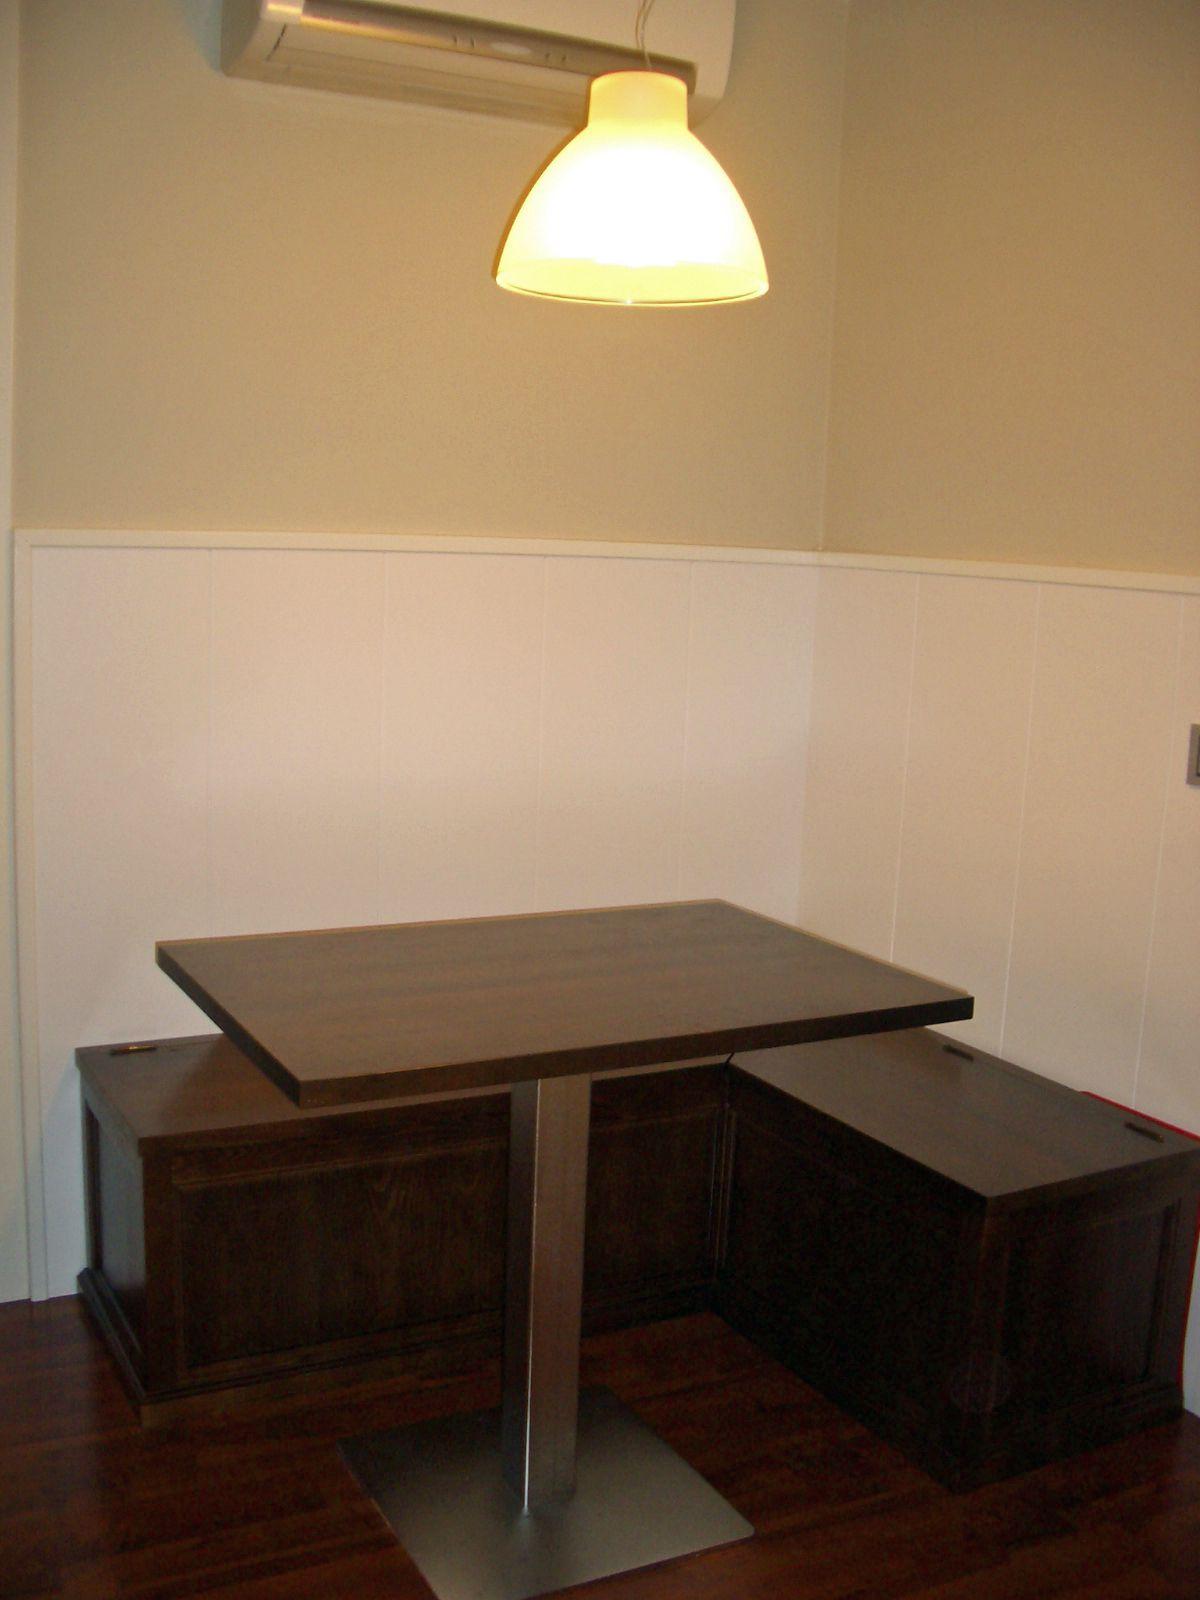 Rinconera de cocina con asientos tipo baúl y pie de mesa cromado ...